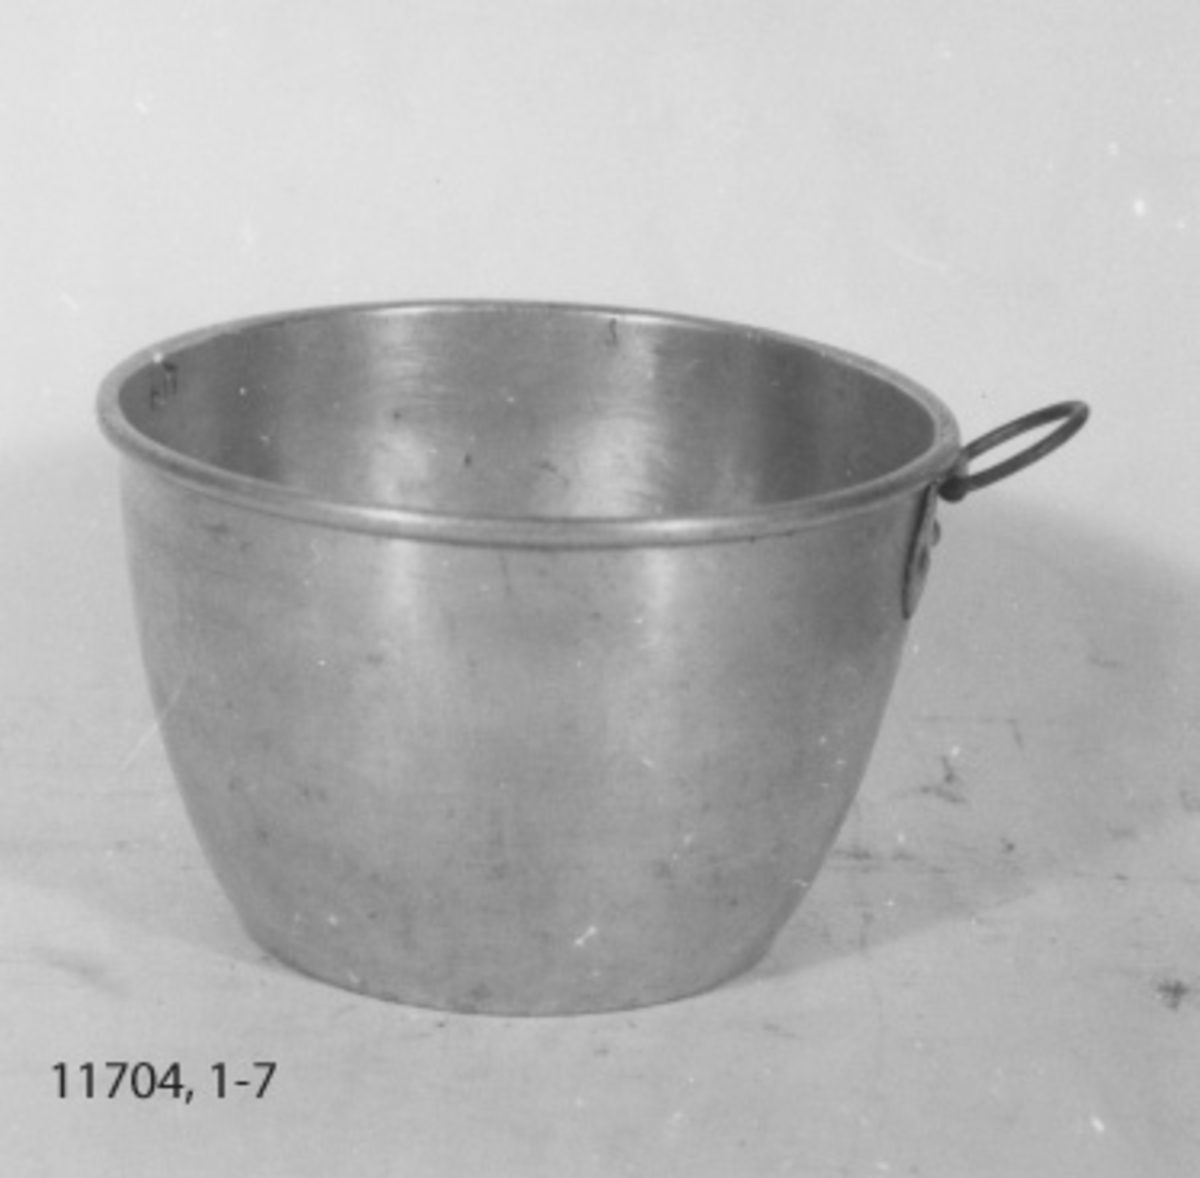 Matskål, djup. Av aluminium. Har formen av en upp- och nedvänd stympad kon. På yttersidan är en ring fastnitad. Märkt med kronstämpel.